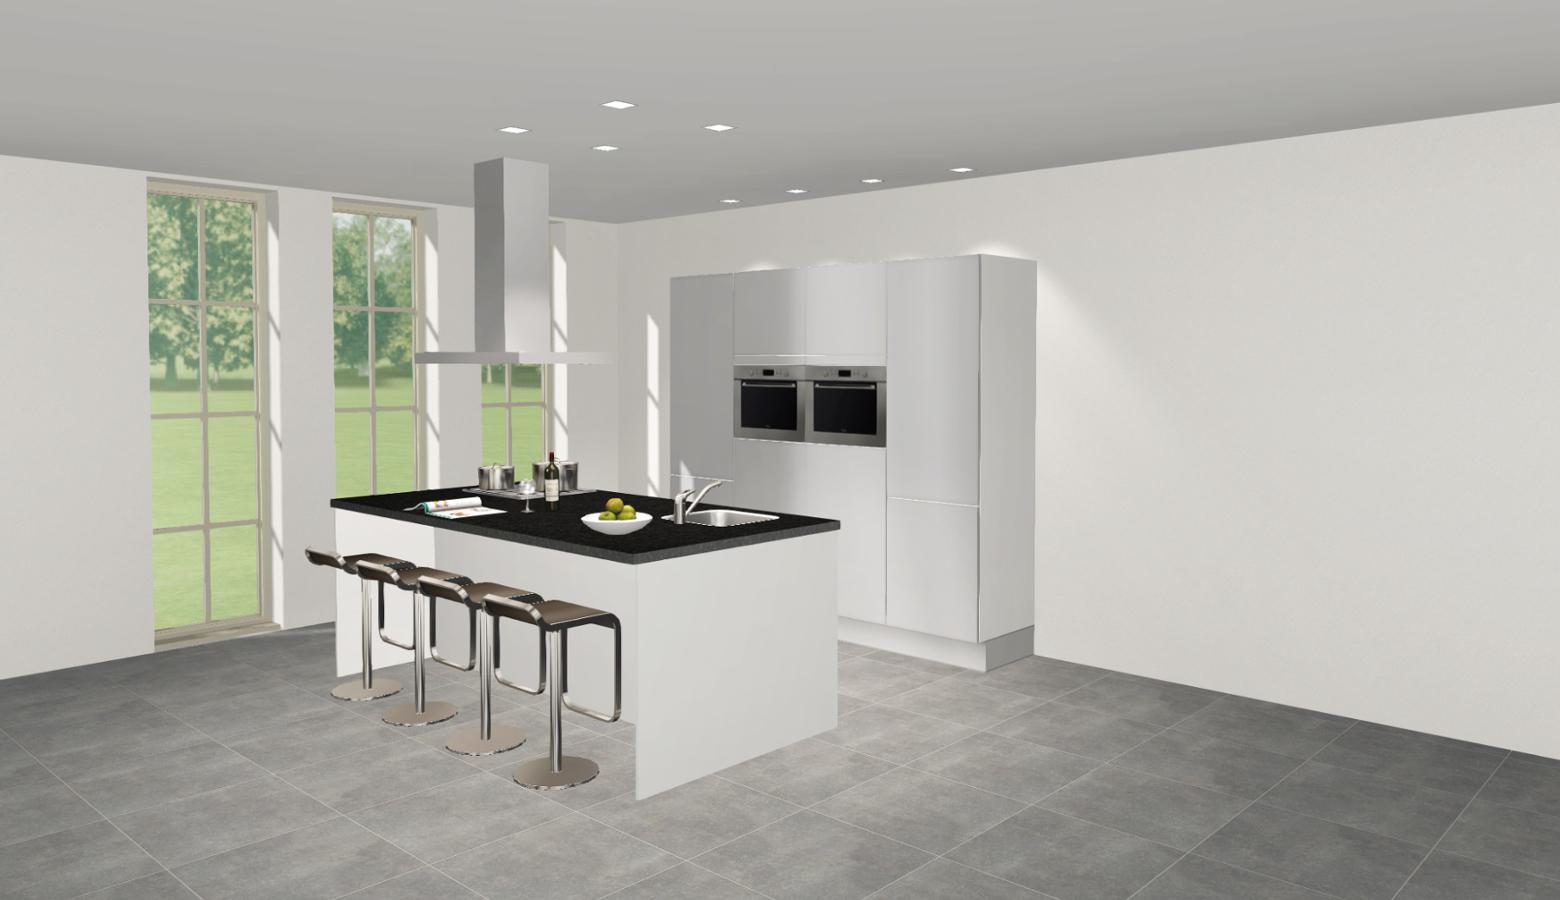 keuken ontwerpen 3d 2017 decor blu